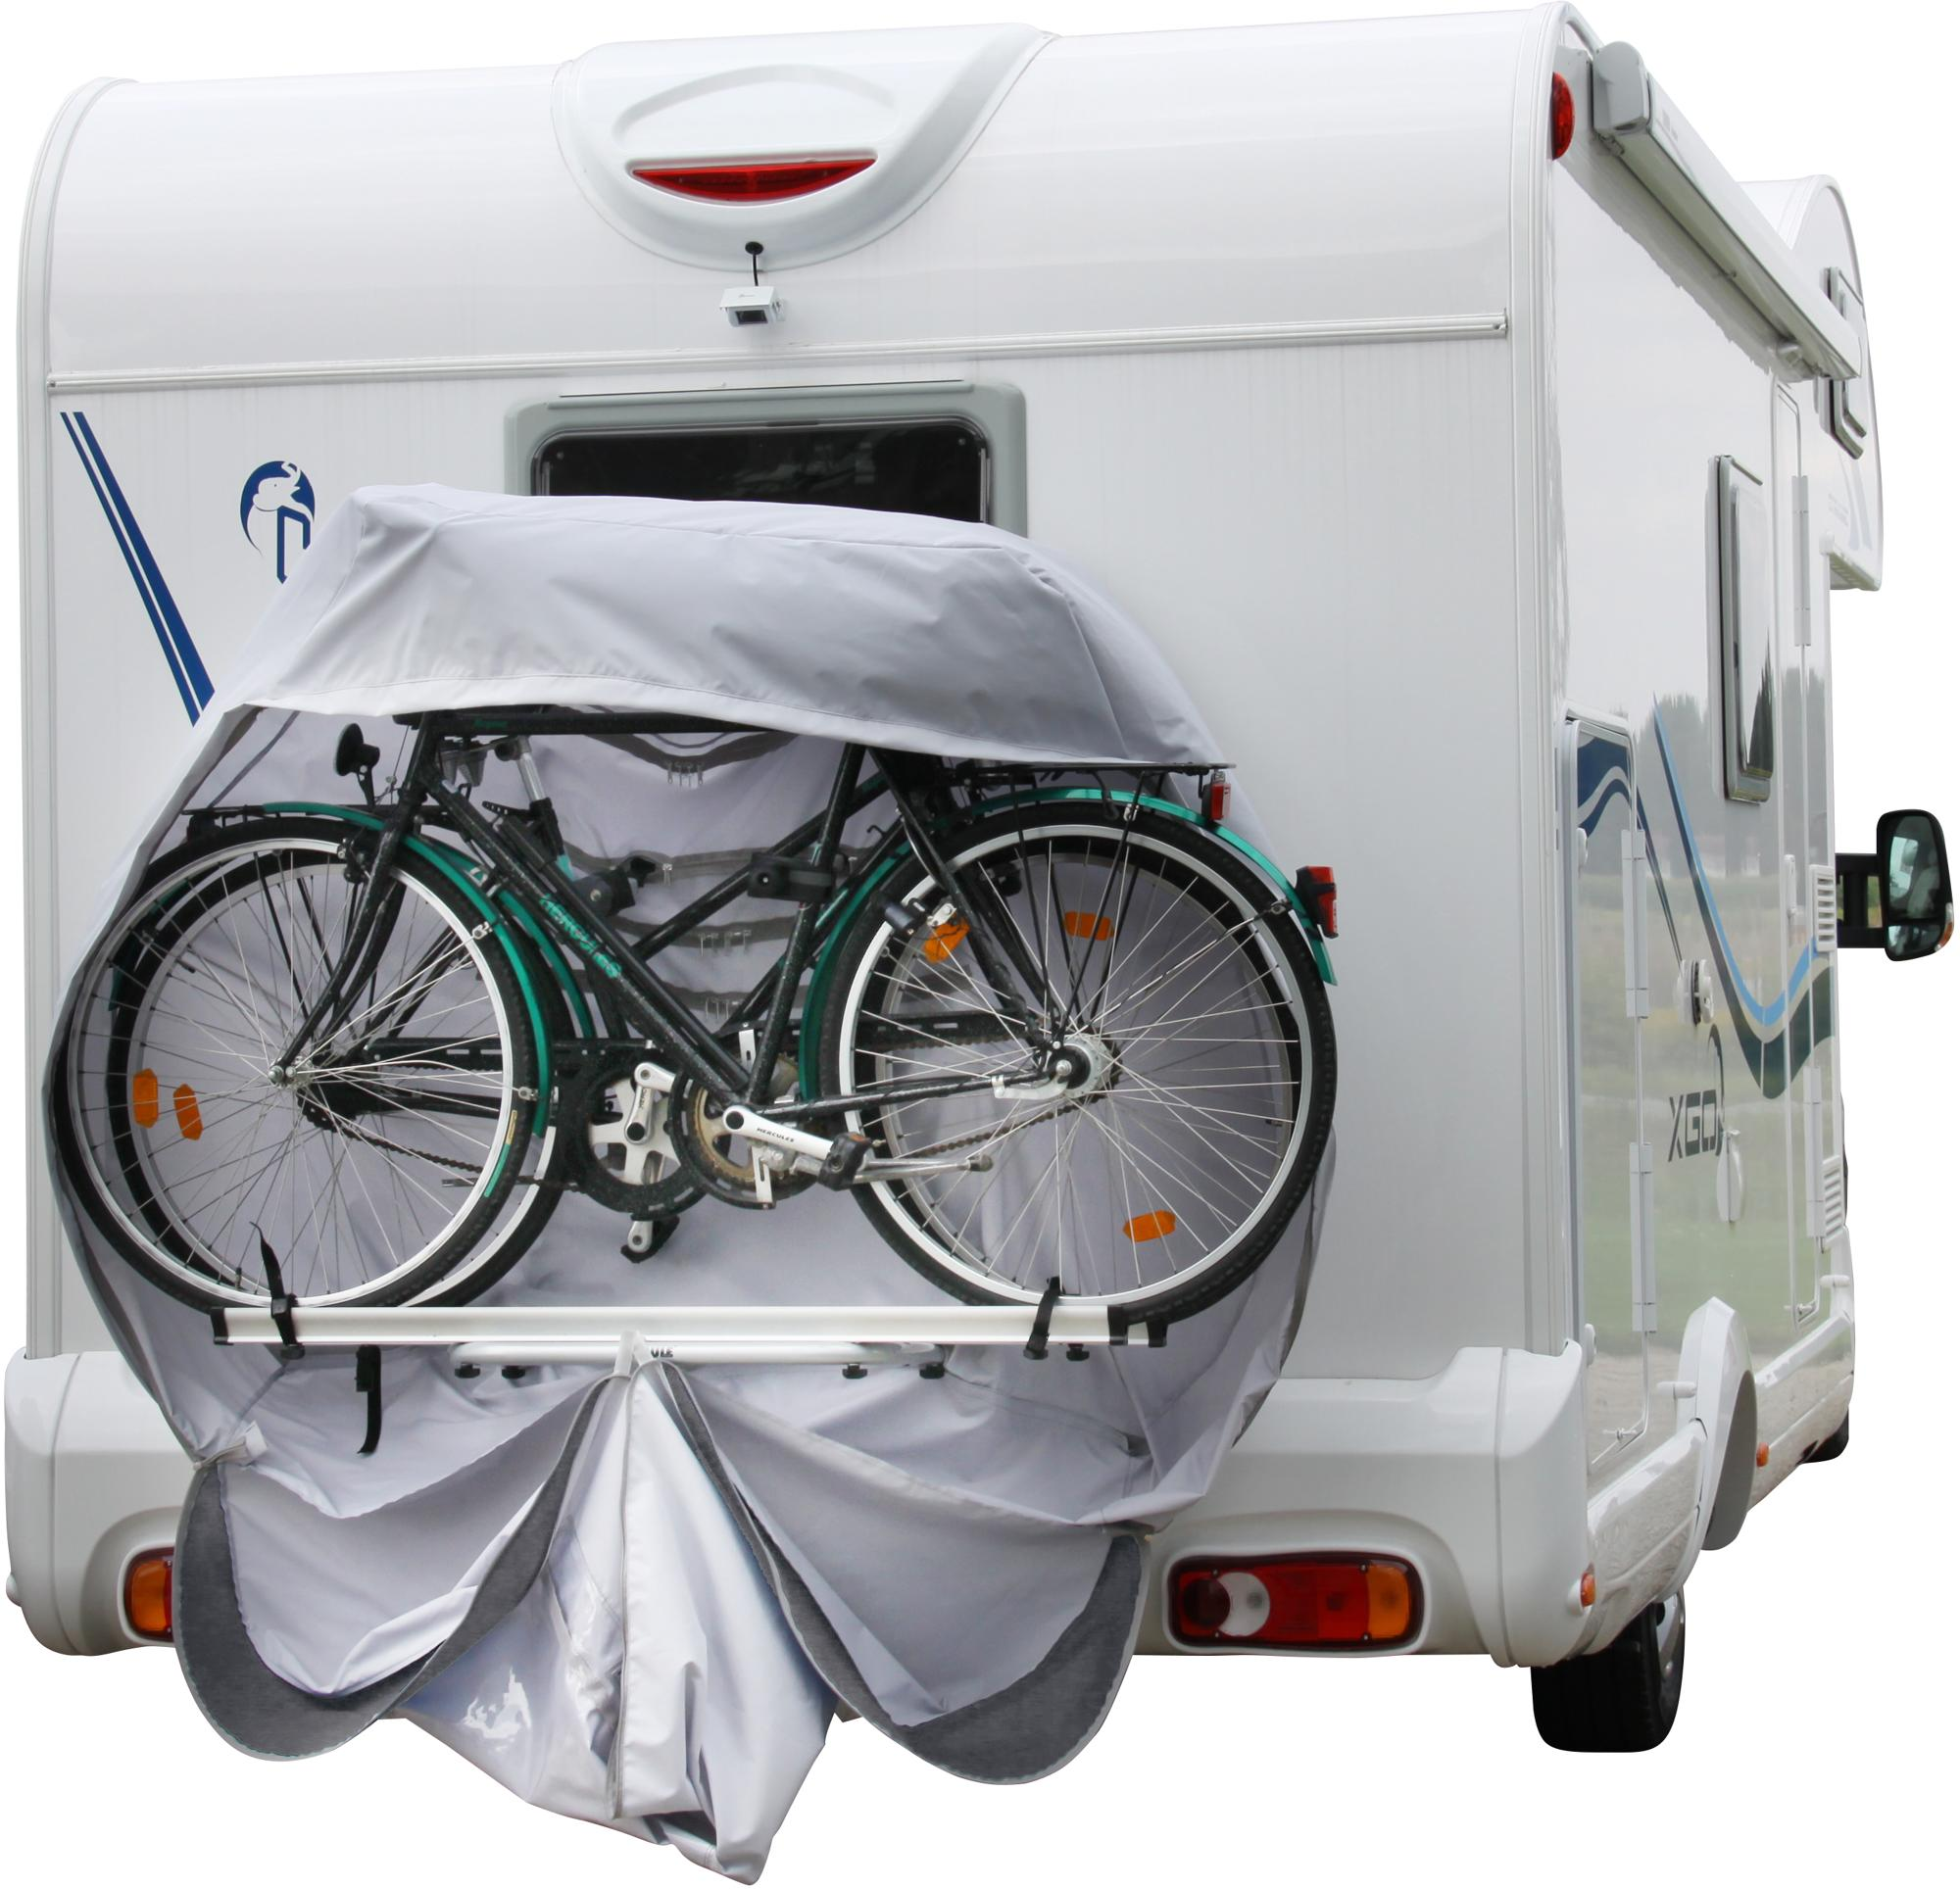 Hindermann Concept Zwoo Fahrradschutzhülle, 9 Räder